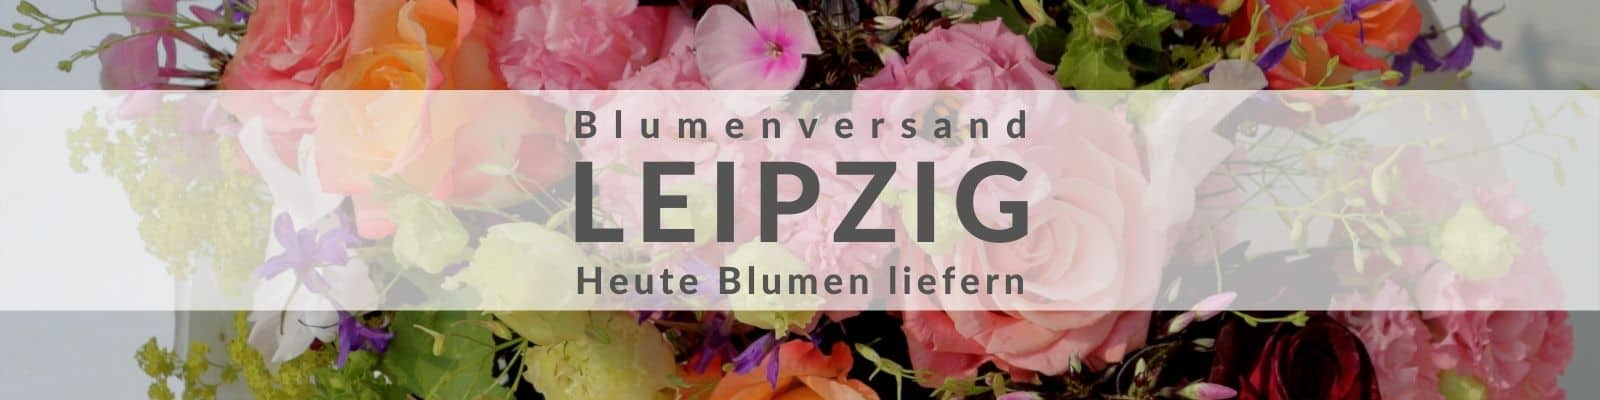 Blumen verschicken Leipzig - Blumenversand